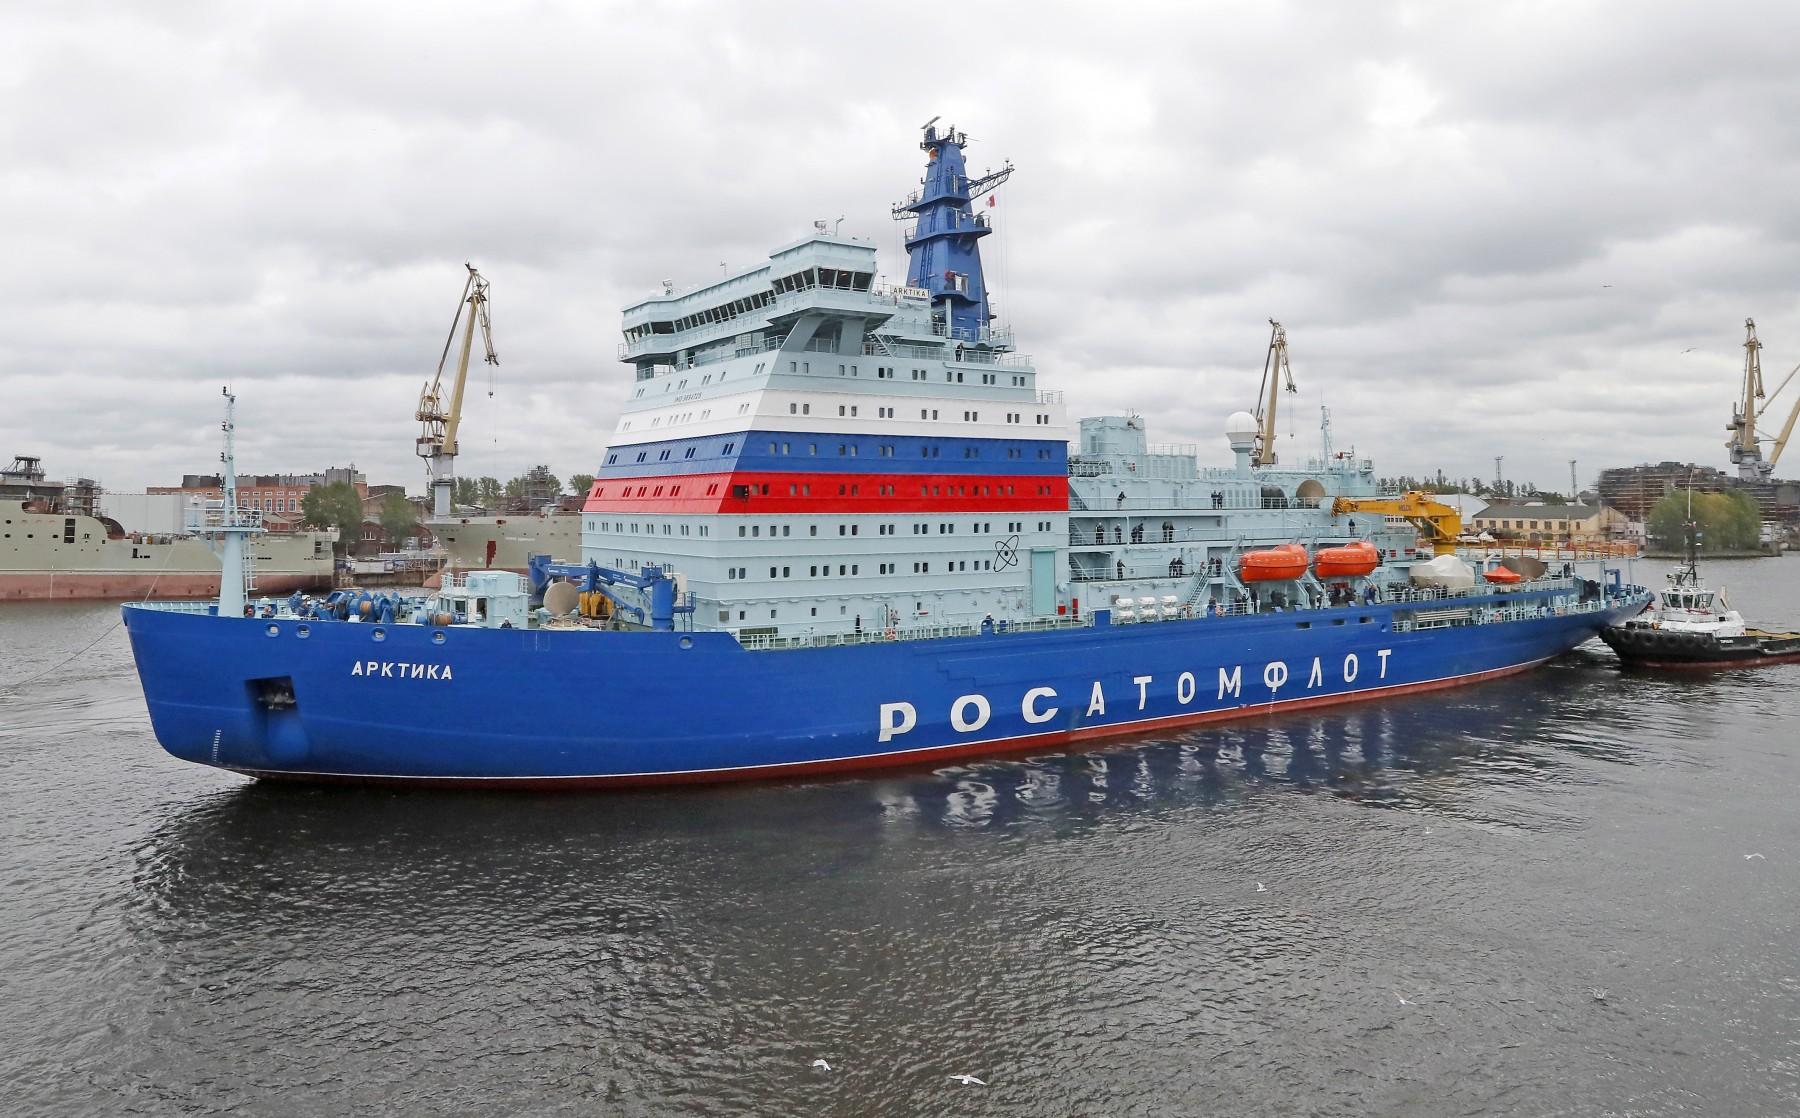 Το παγοθραυστικό «Arktika», το μεγαλύτερο και ισχυρότερο πυρηνοκίνητο πλοίο στον κόσμο